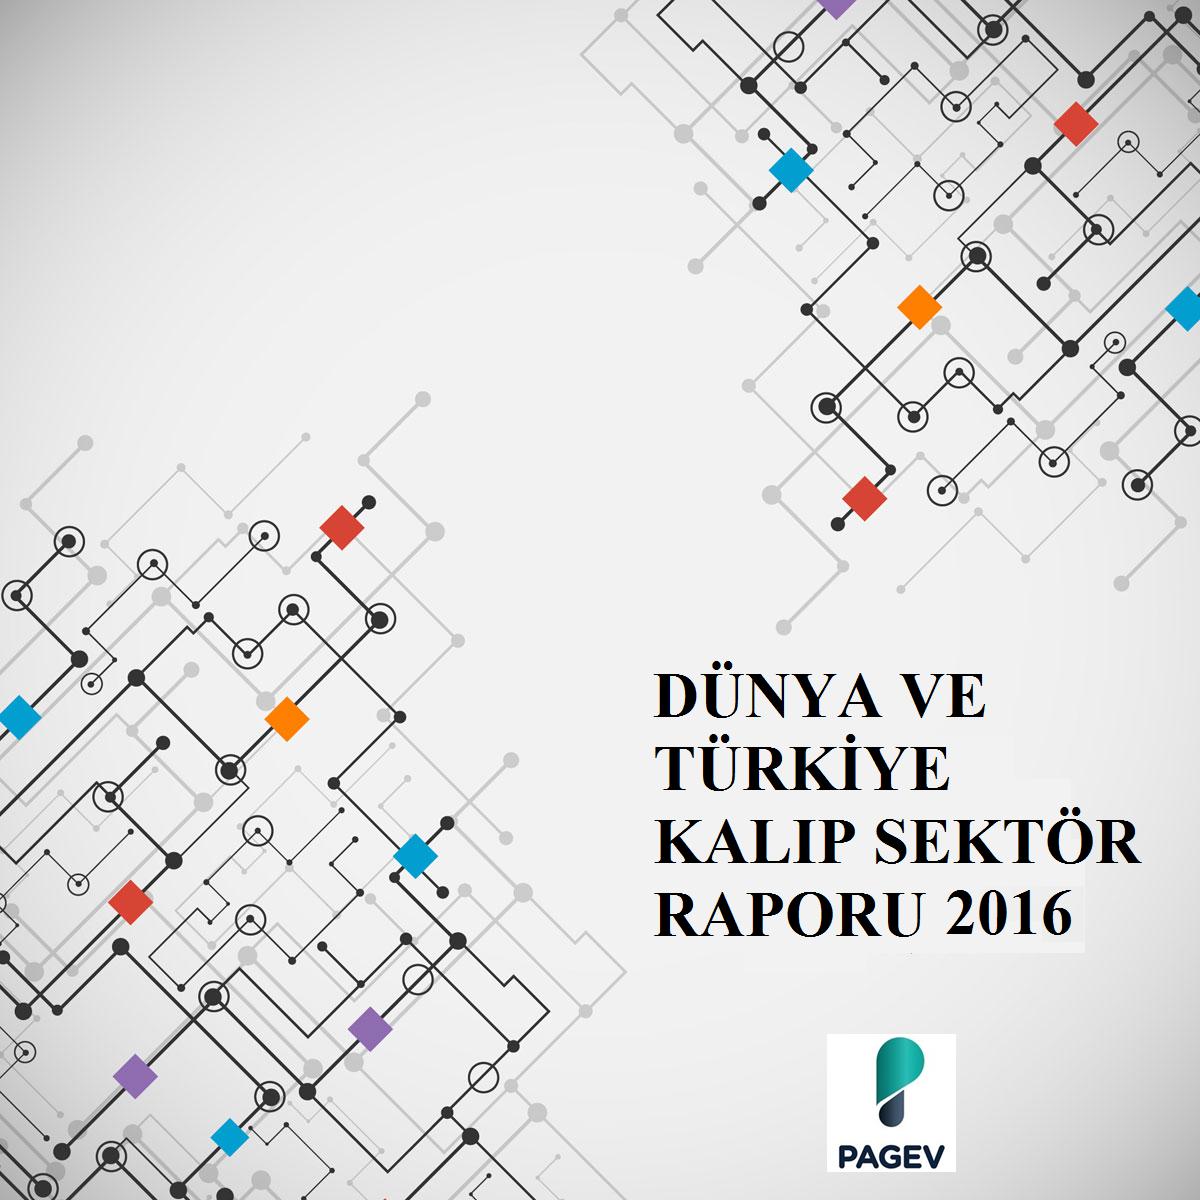 Dünya ve Türkiye Kalıp Sektör Raporu  2016